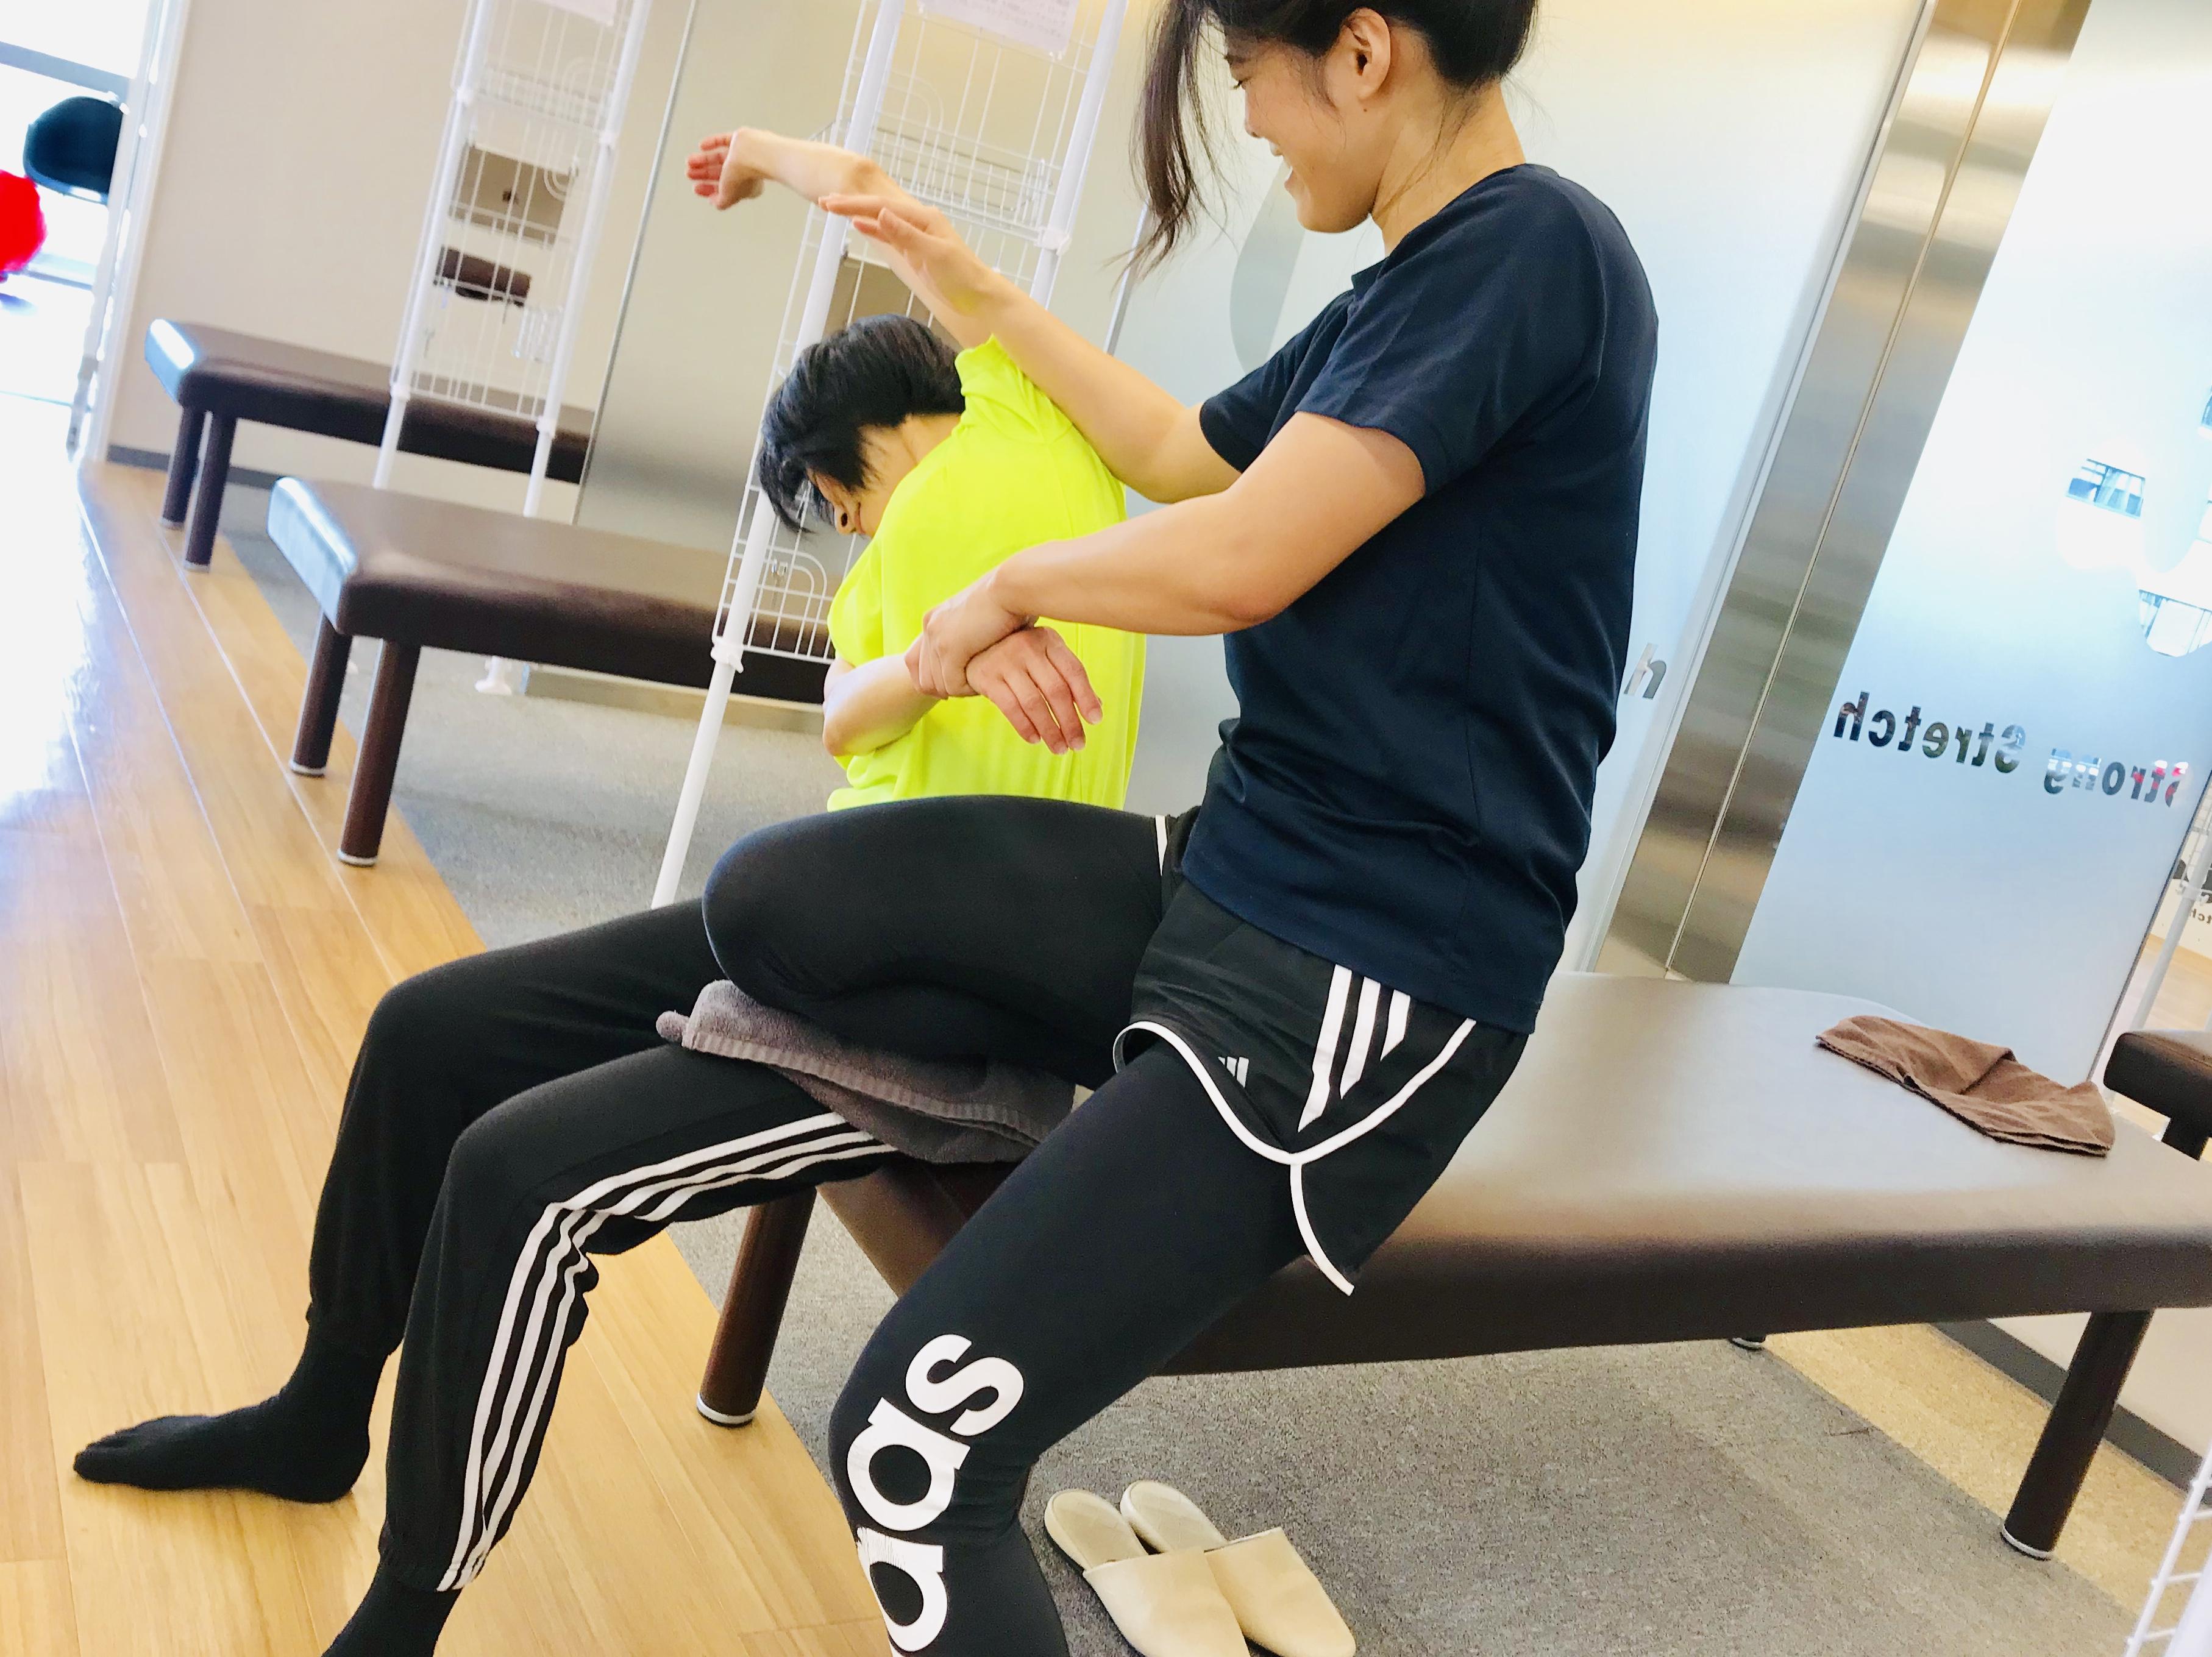 『 ストレッチとトレーニングで脚のラインが 確実に変わった!』